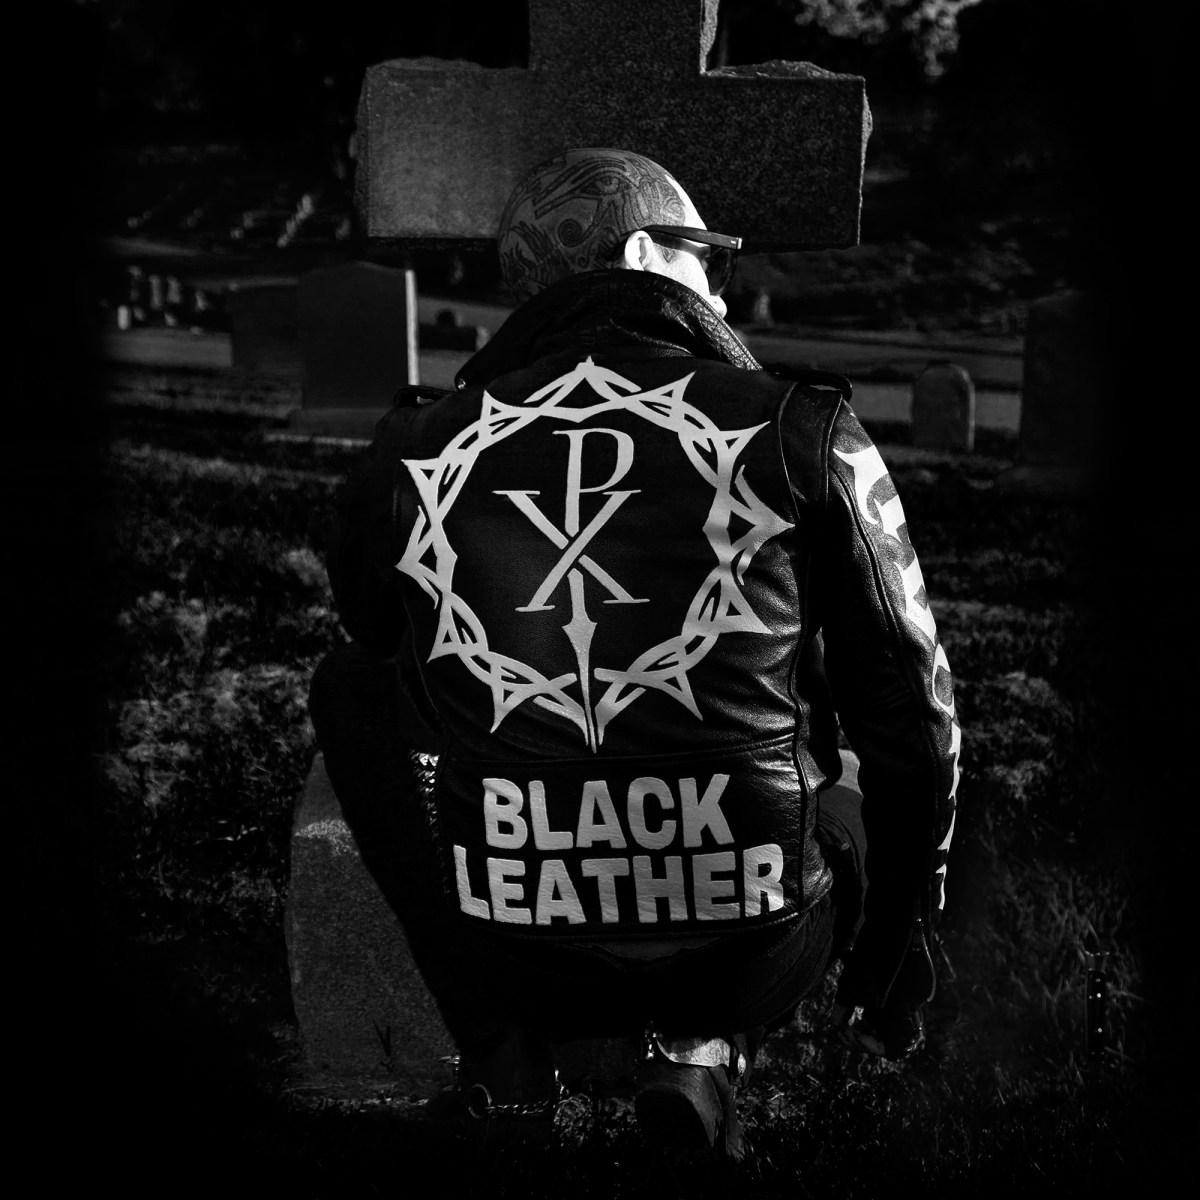 Black_Leather_HI_REZ